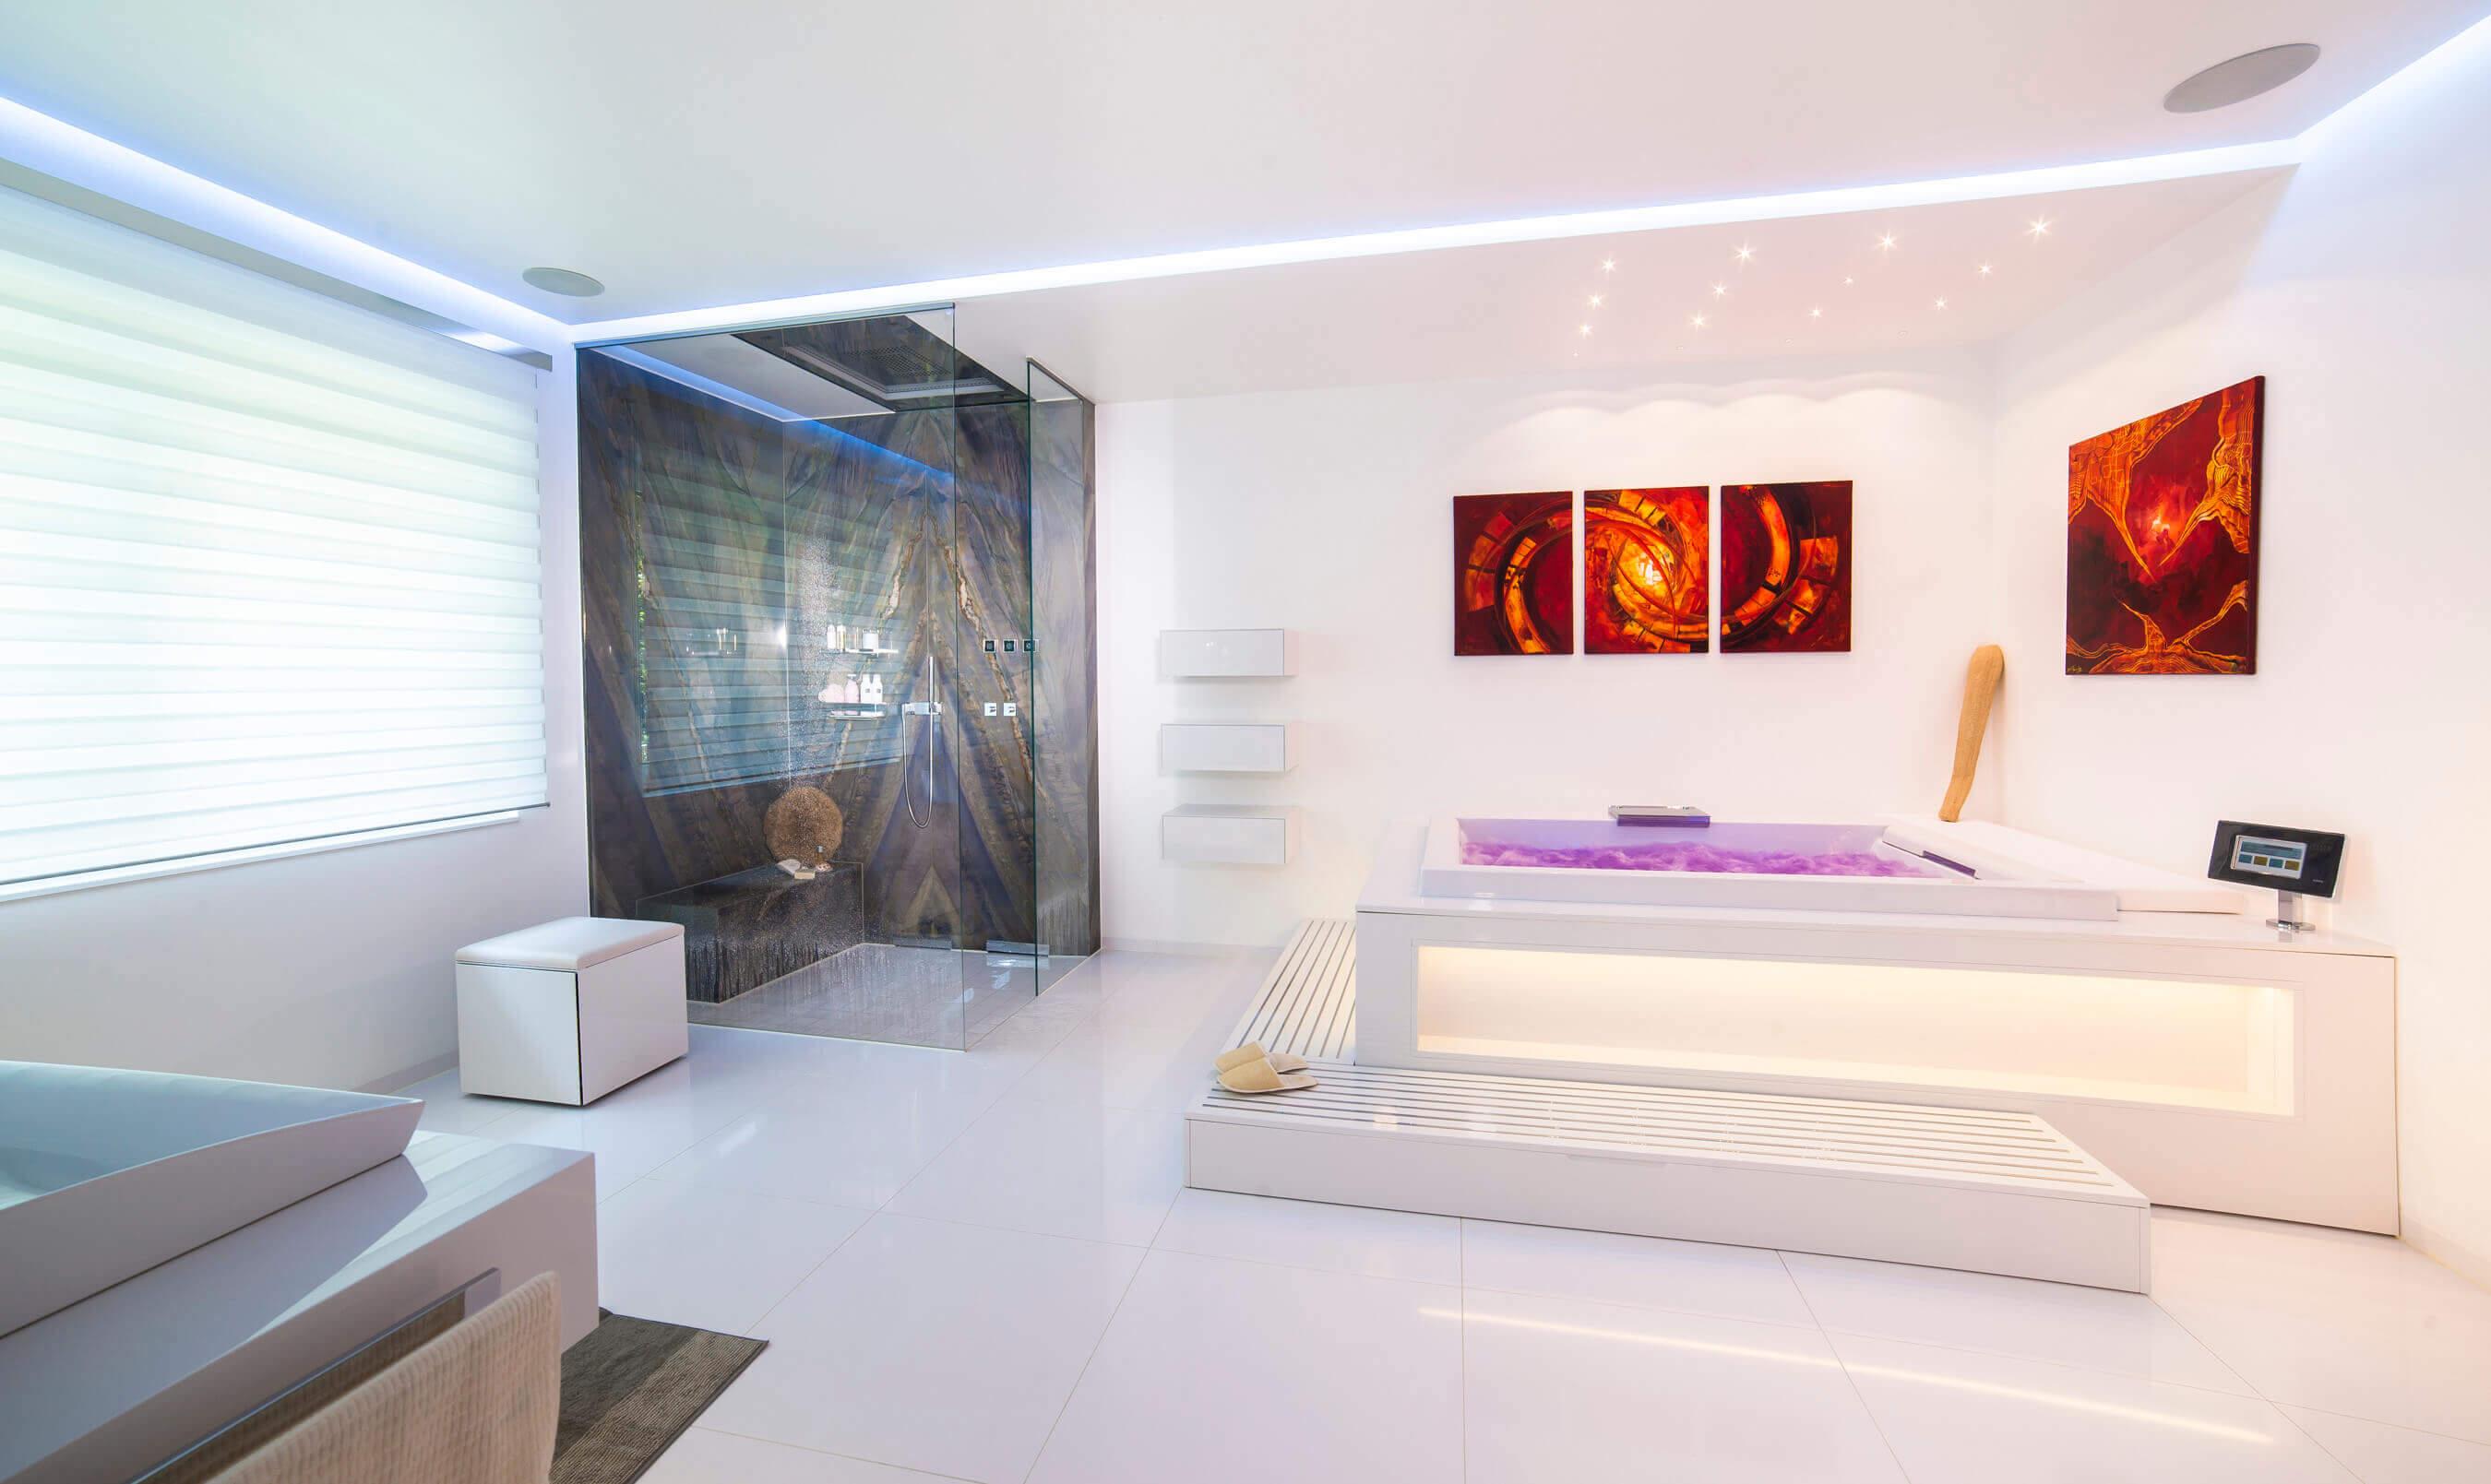 Das perfekte Badezimmer: Traum oder Herausforderung?